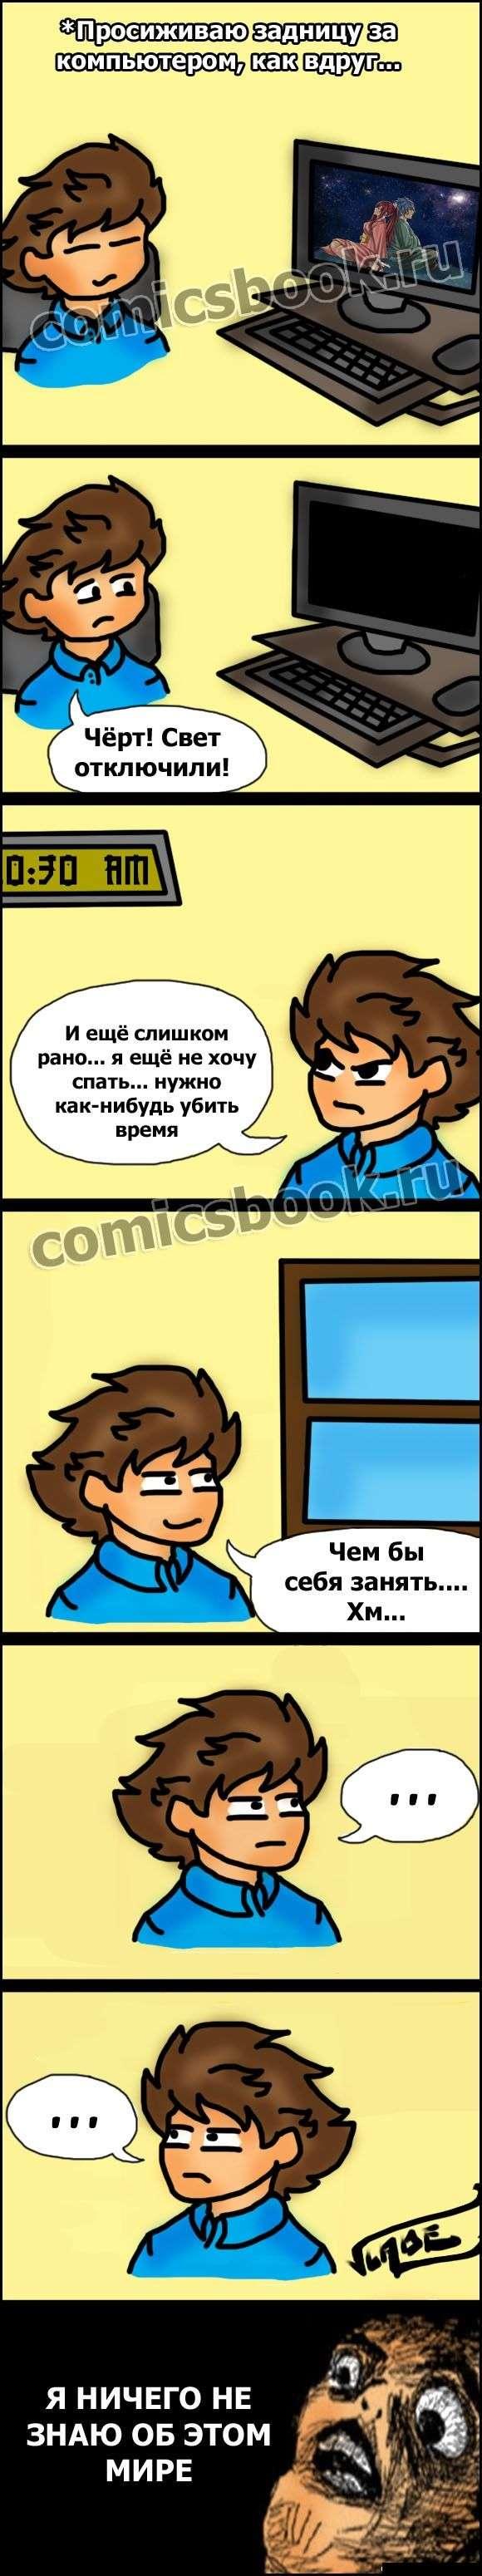 Смішні комікси (31 картинка)